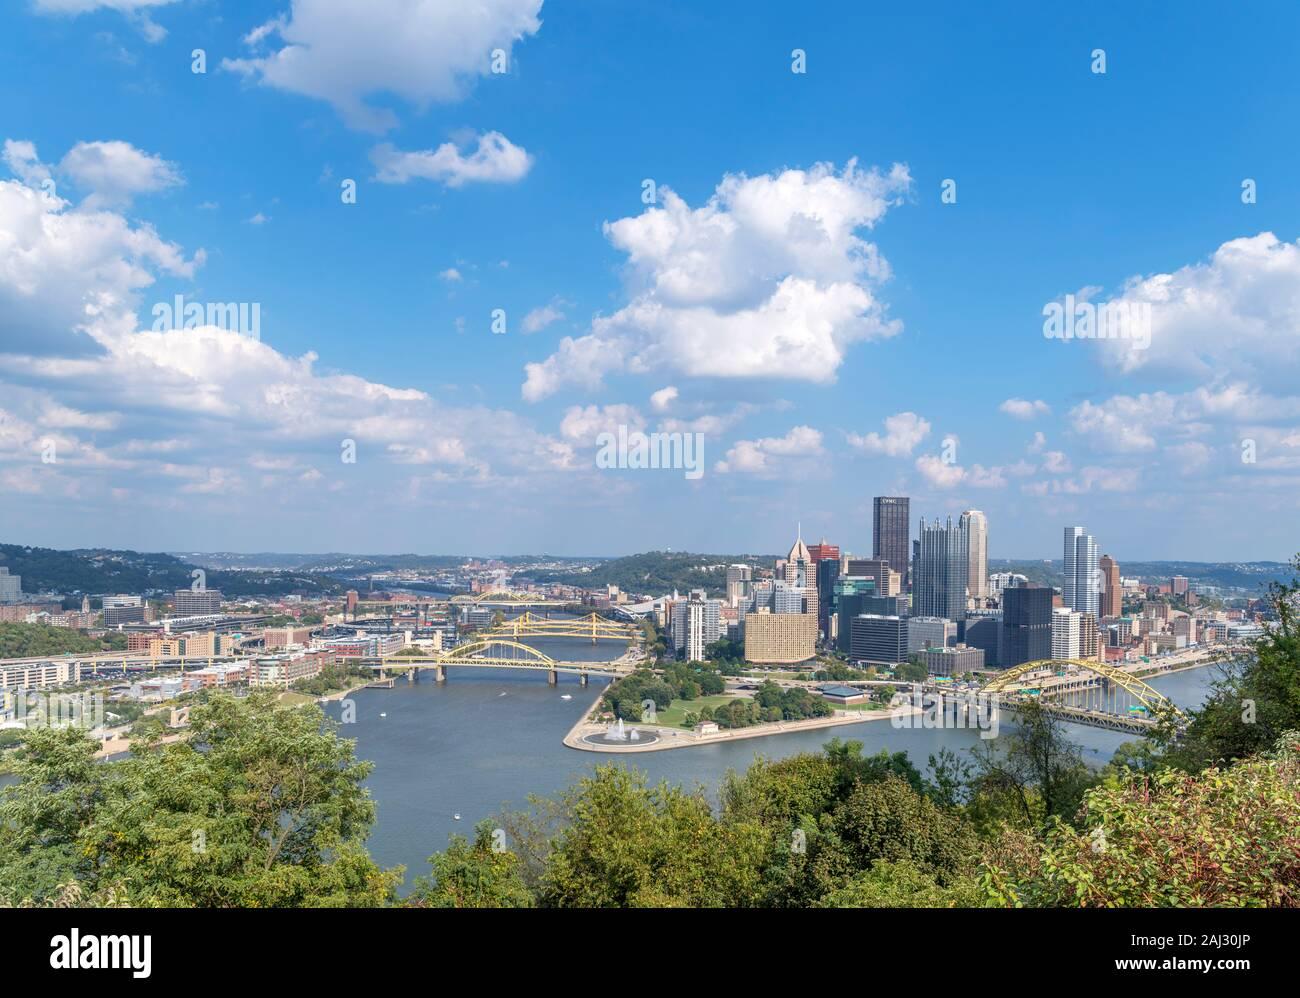 Blick auf die Skyline der Innenstadt von Points of View Park auf Grandview Avenue, Pittsburgh, Pennsylvania, USA Stockfoto